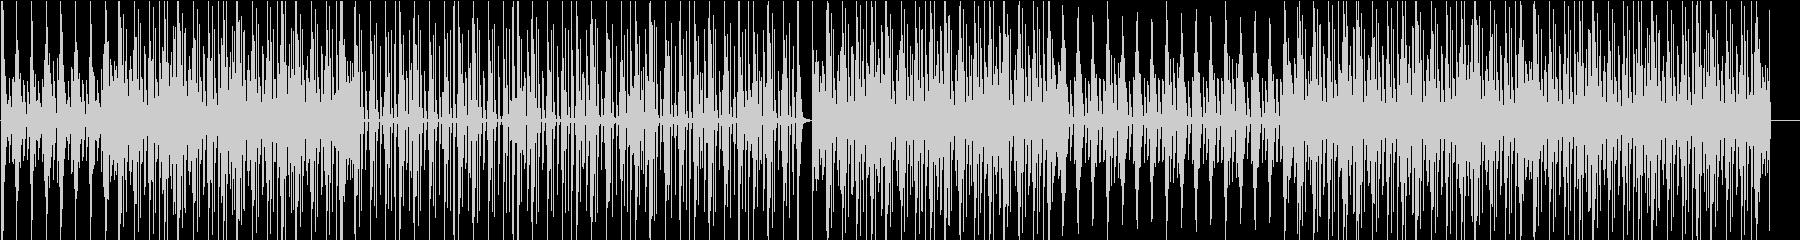 ピアノとストリングスでピクニックな雰囲気の未再生の波形